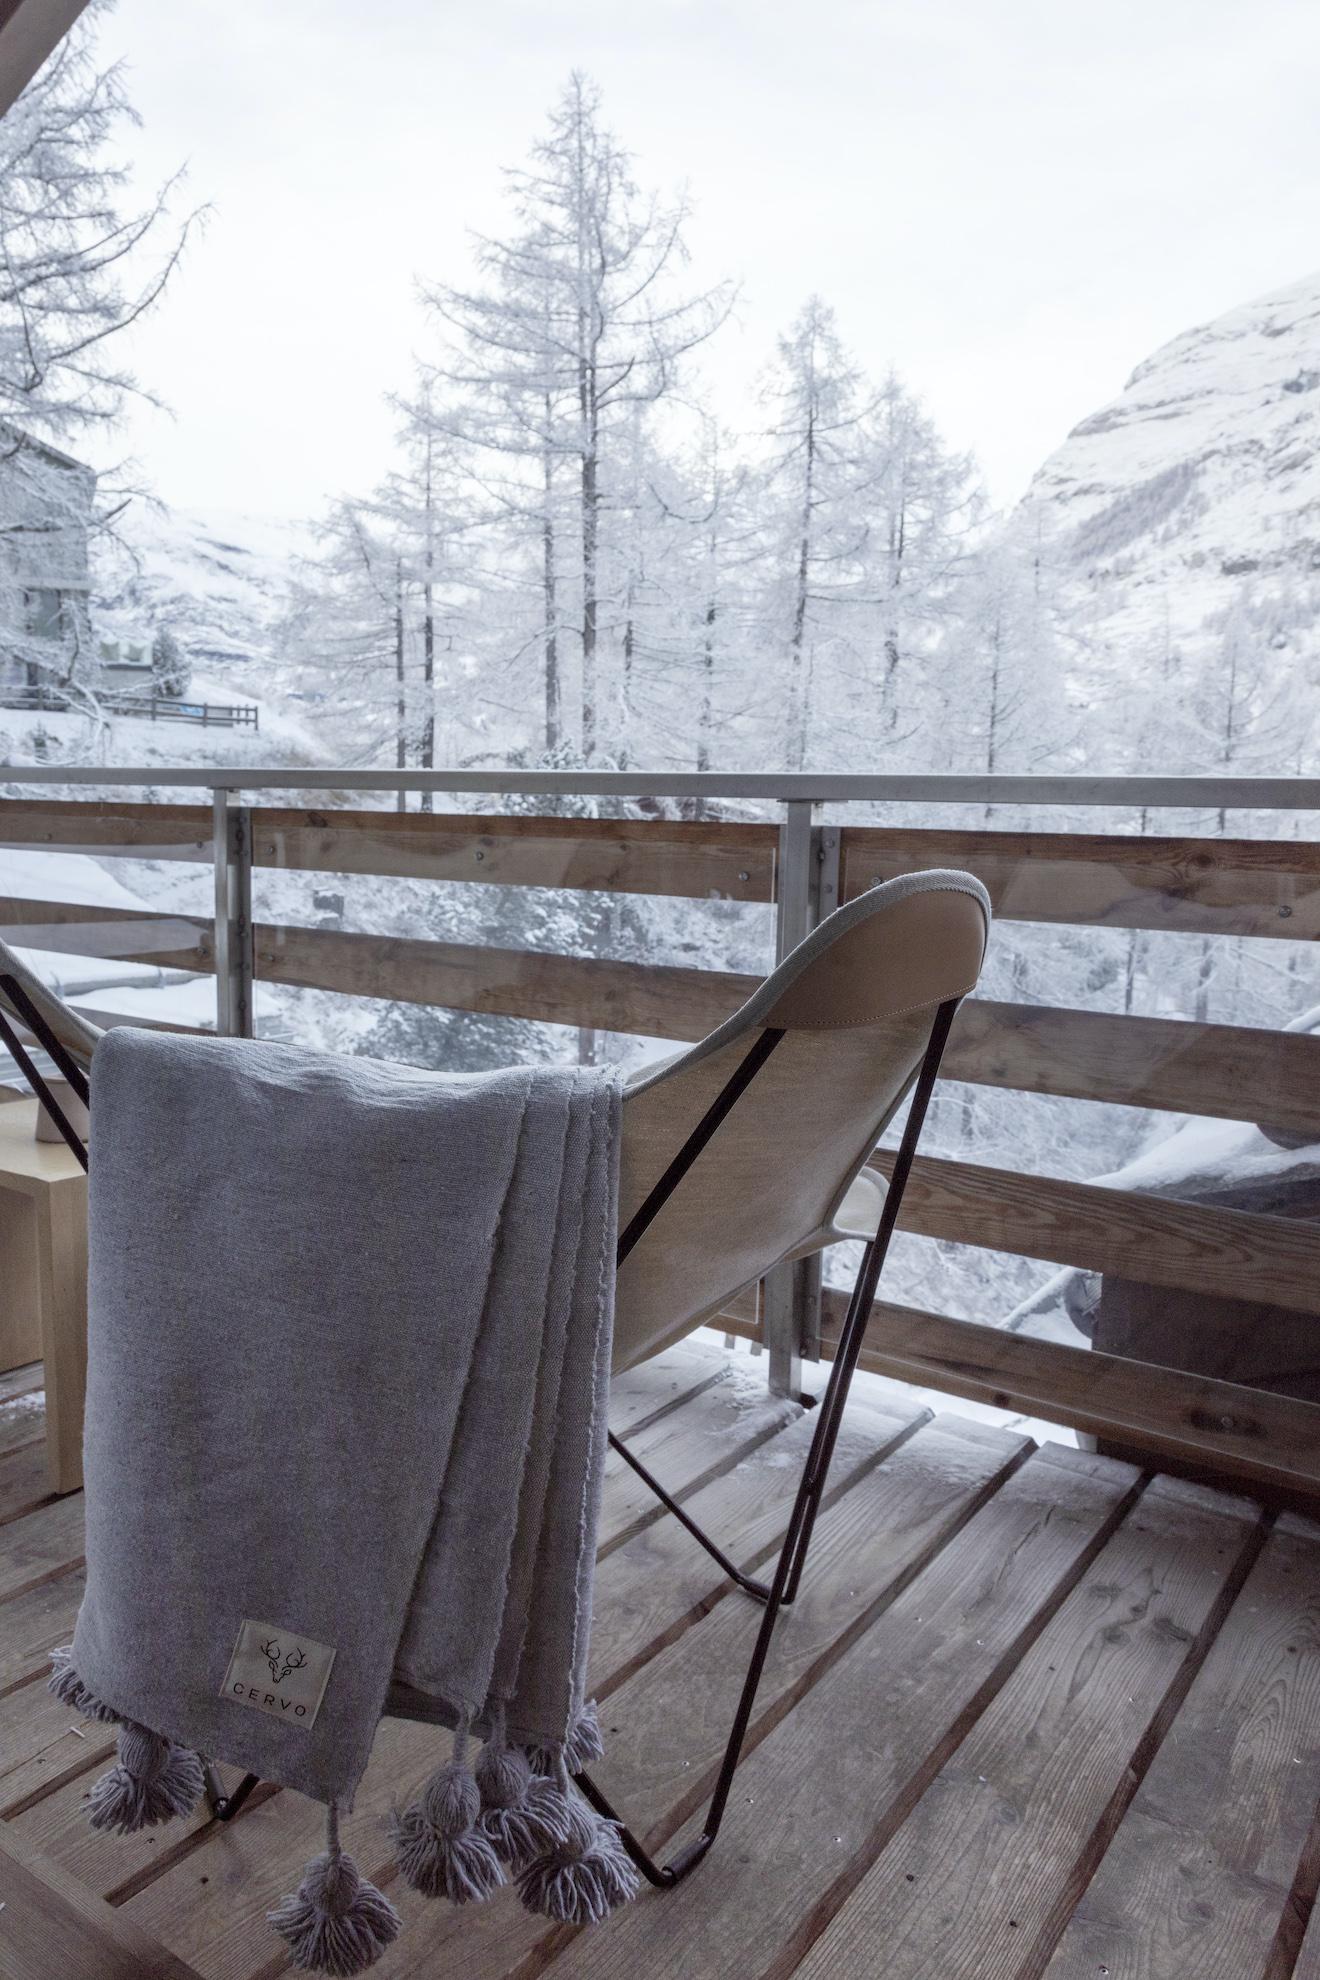 Balcon en hiver avec chaise et couverture